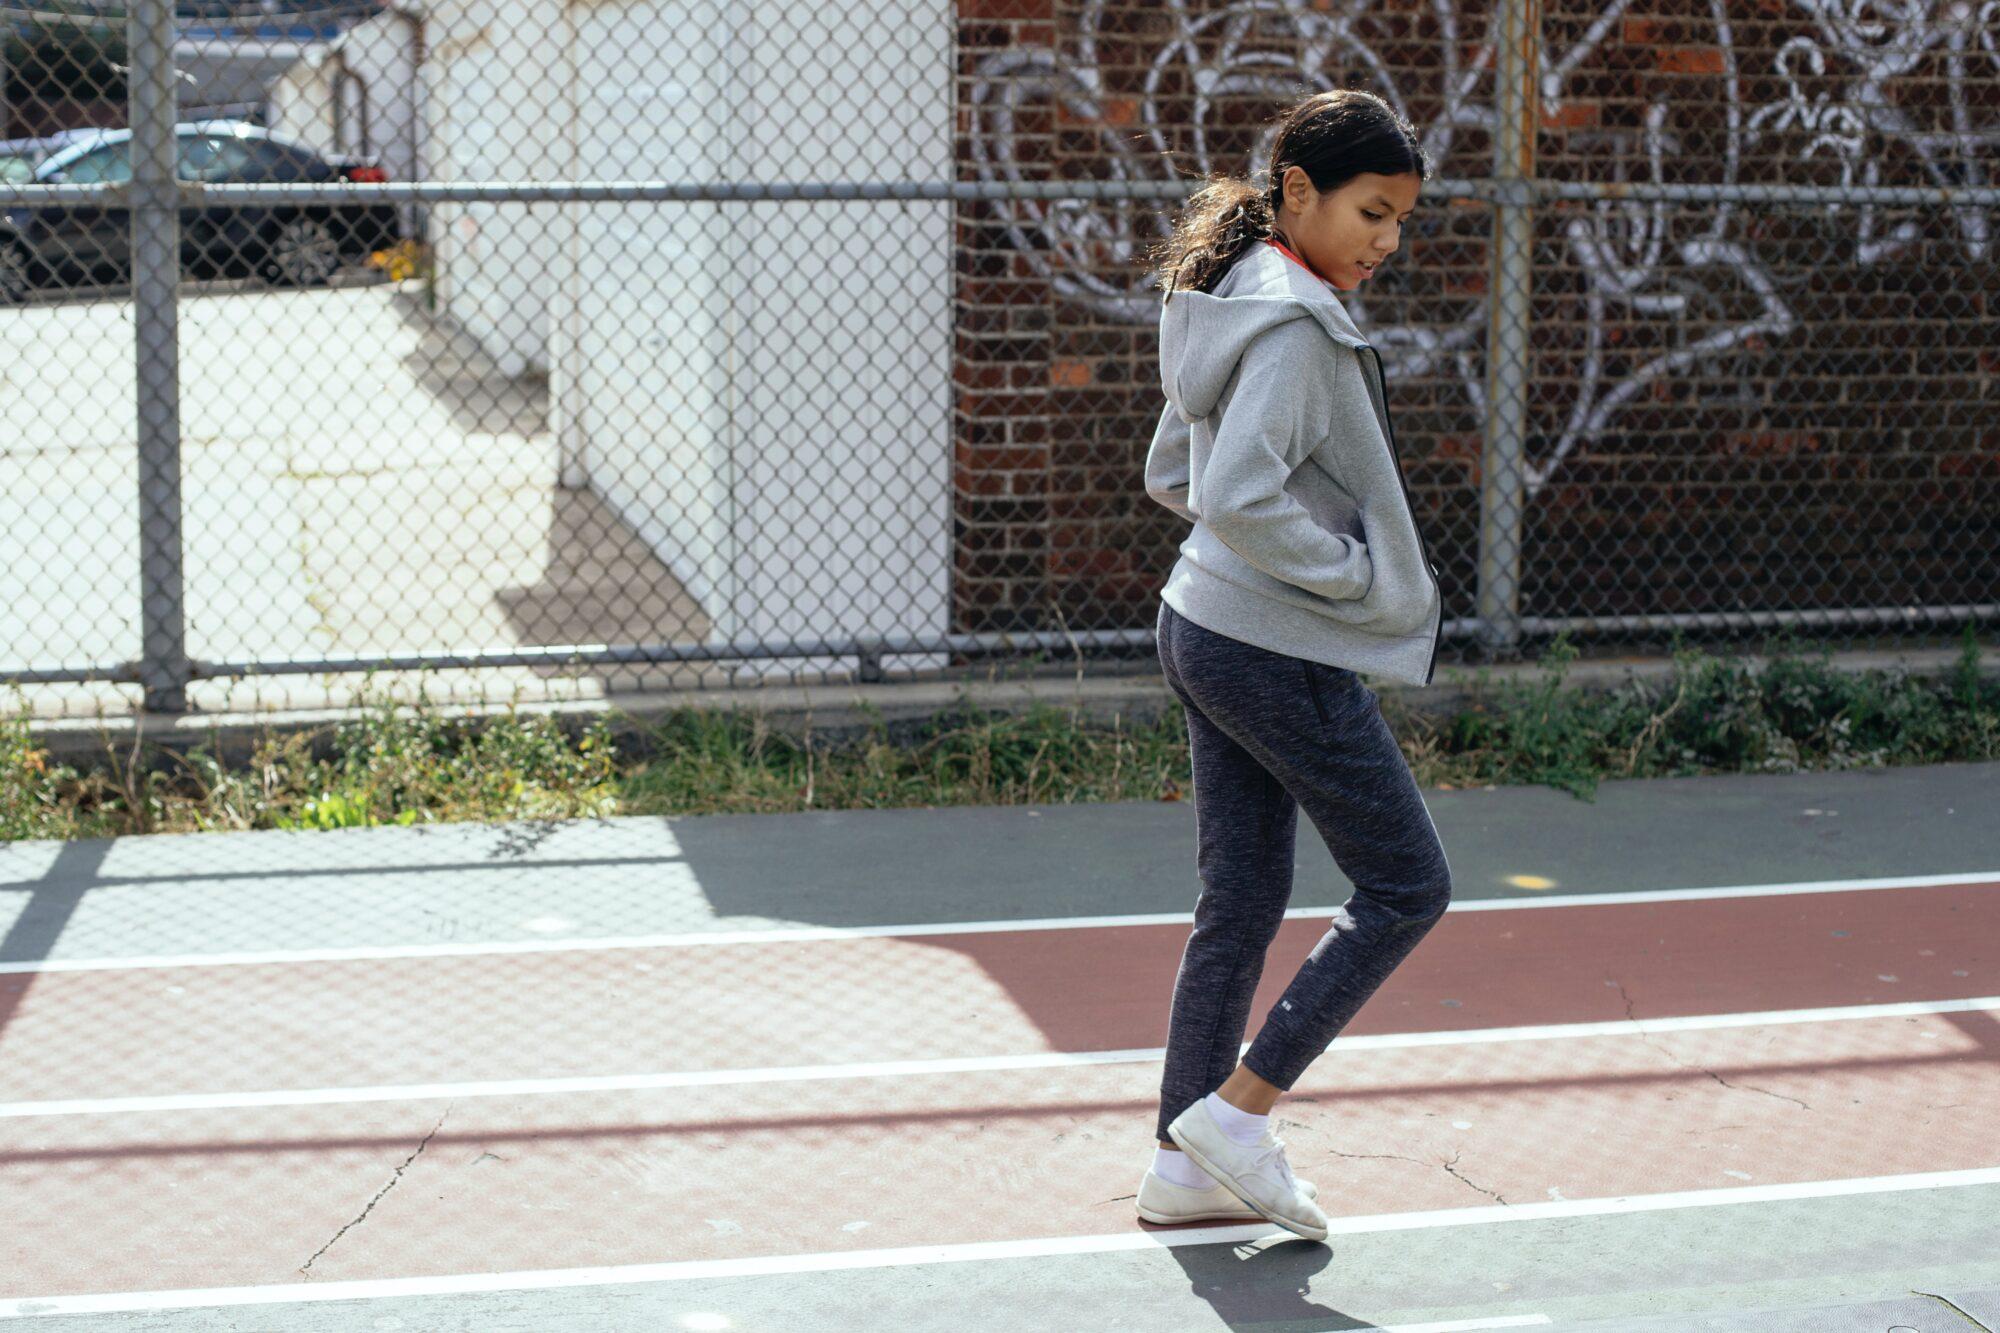 Laat je lifestyle zien met sportieve merkkleding